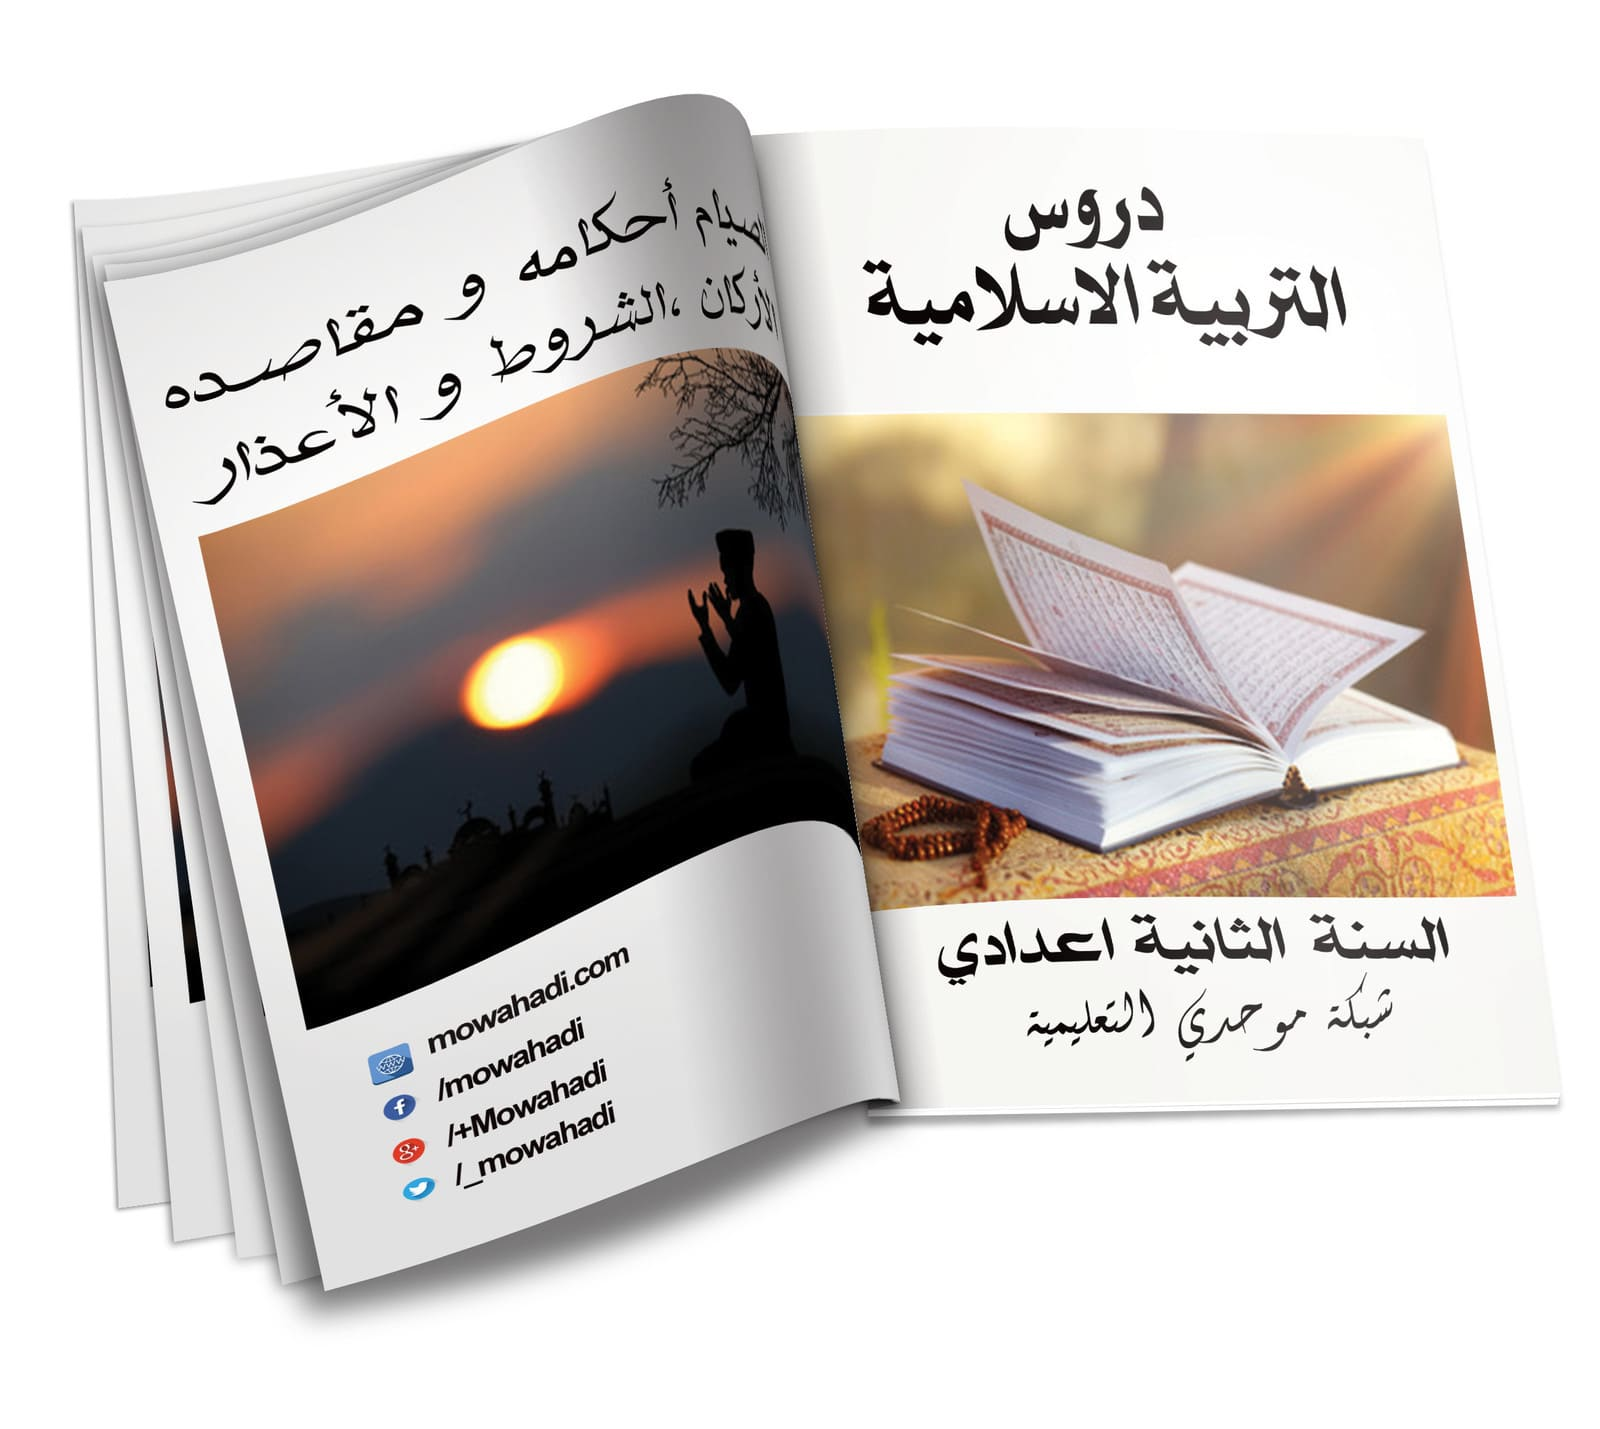 الصيام أحكامه ومقاصده :الأركان ، الشروط و الأعذار المبيحة للفطر